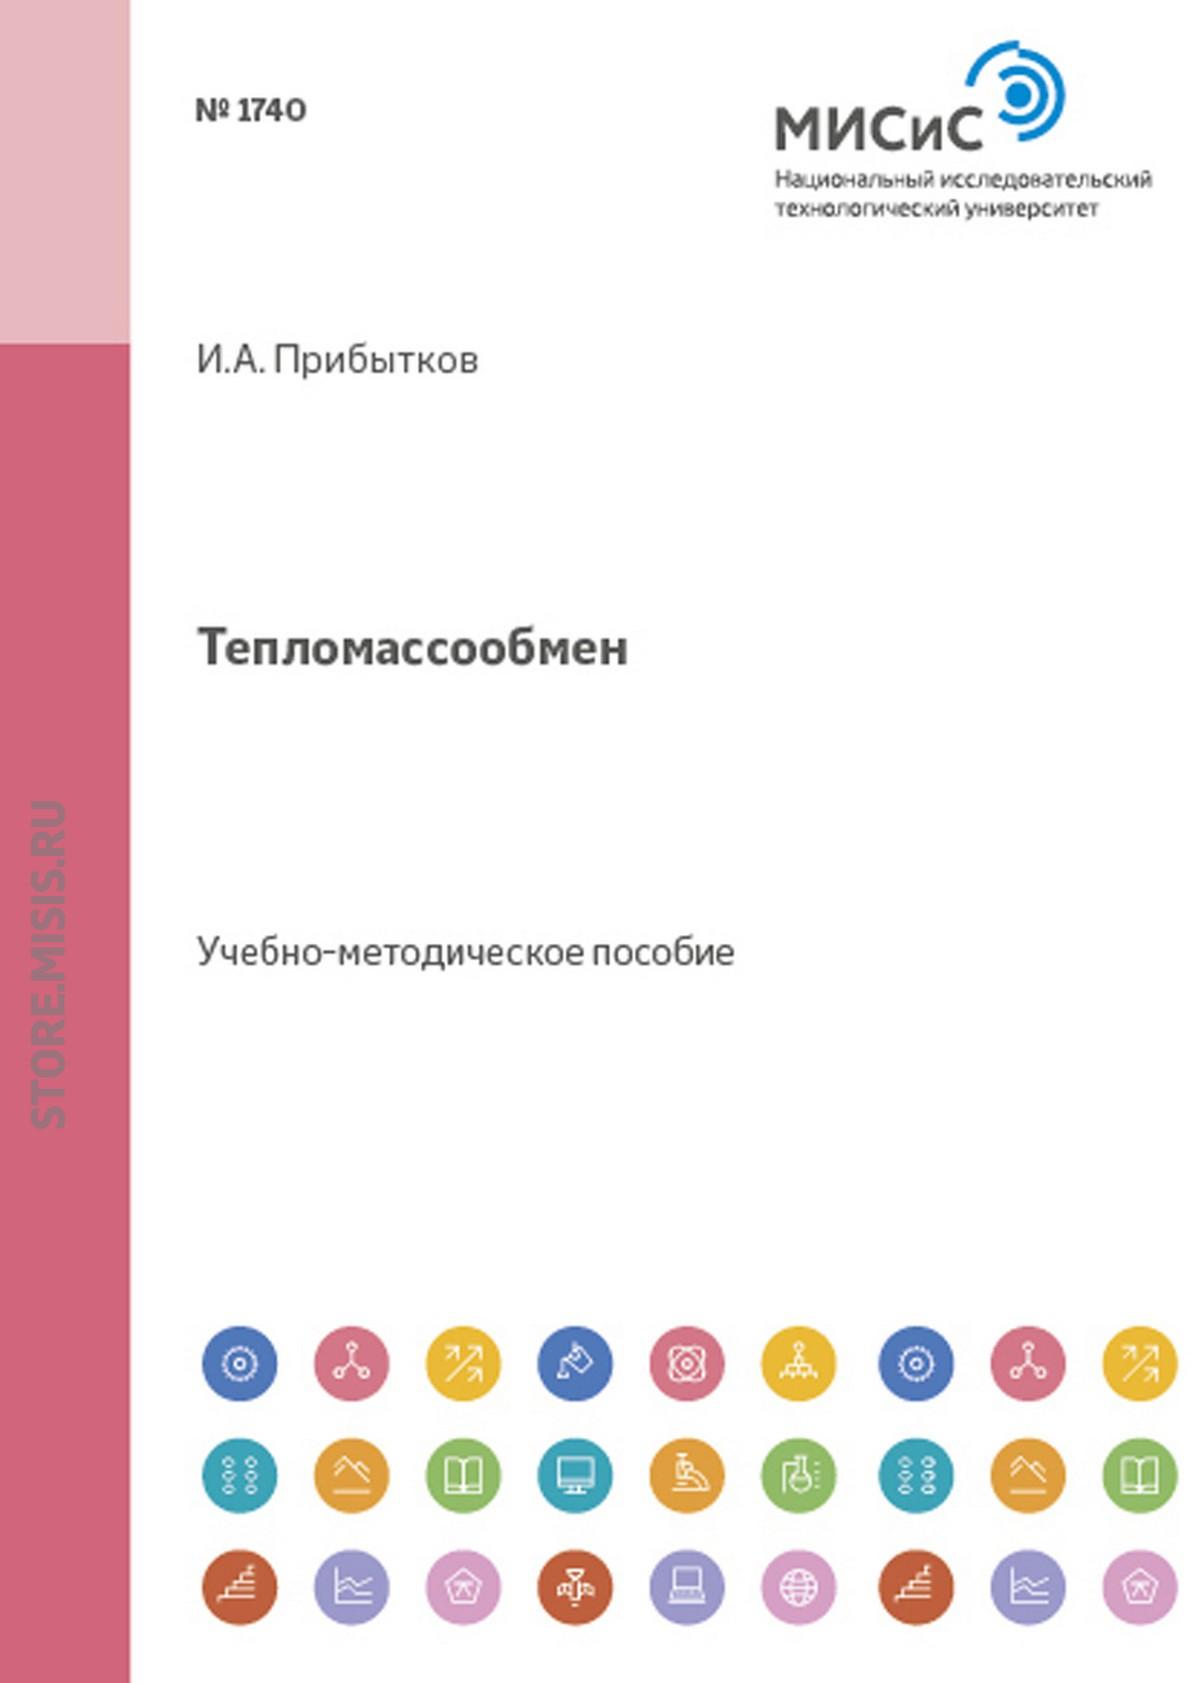 Иван Прибытков Тепломассообмен о ануфриенко техническая термодинамика и тепломассообмен